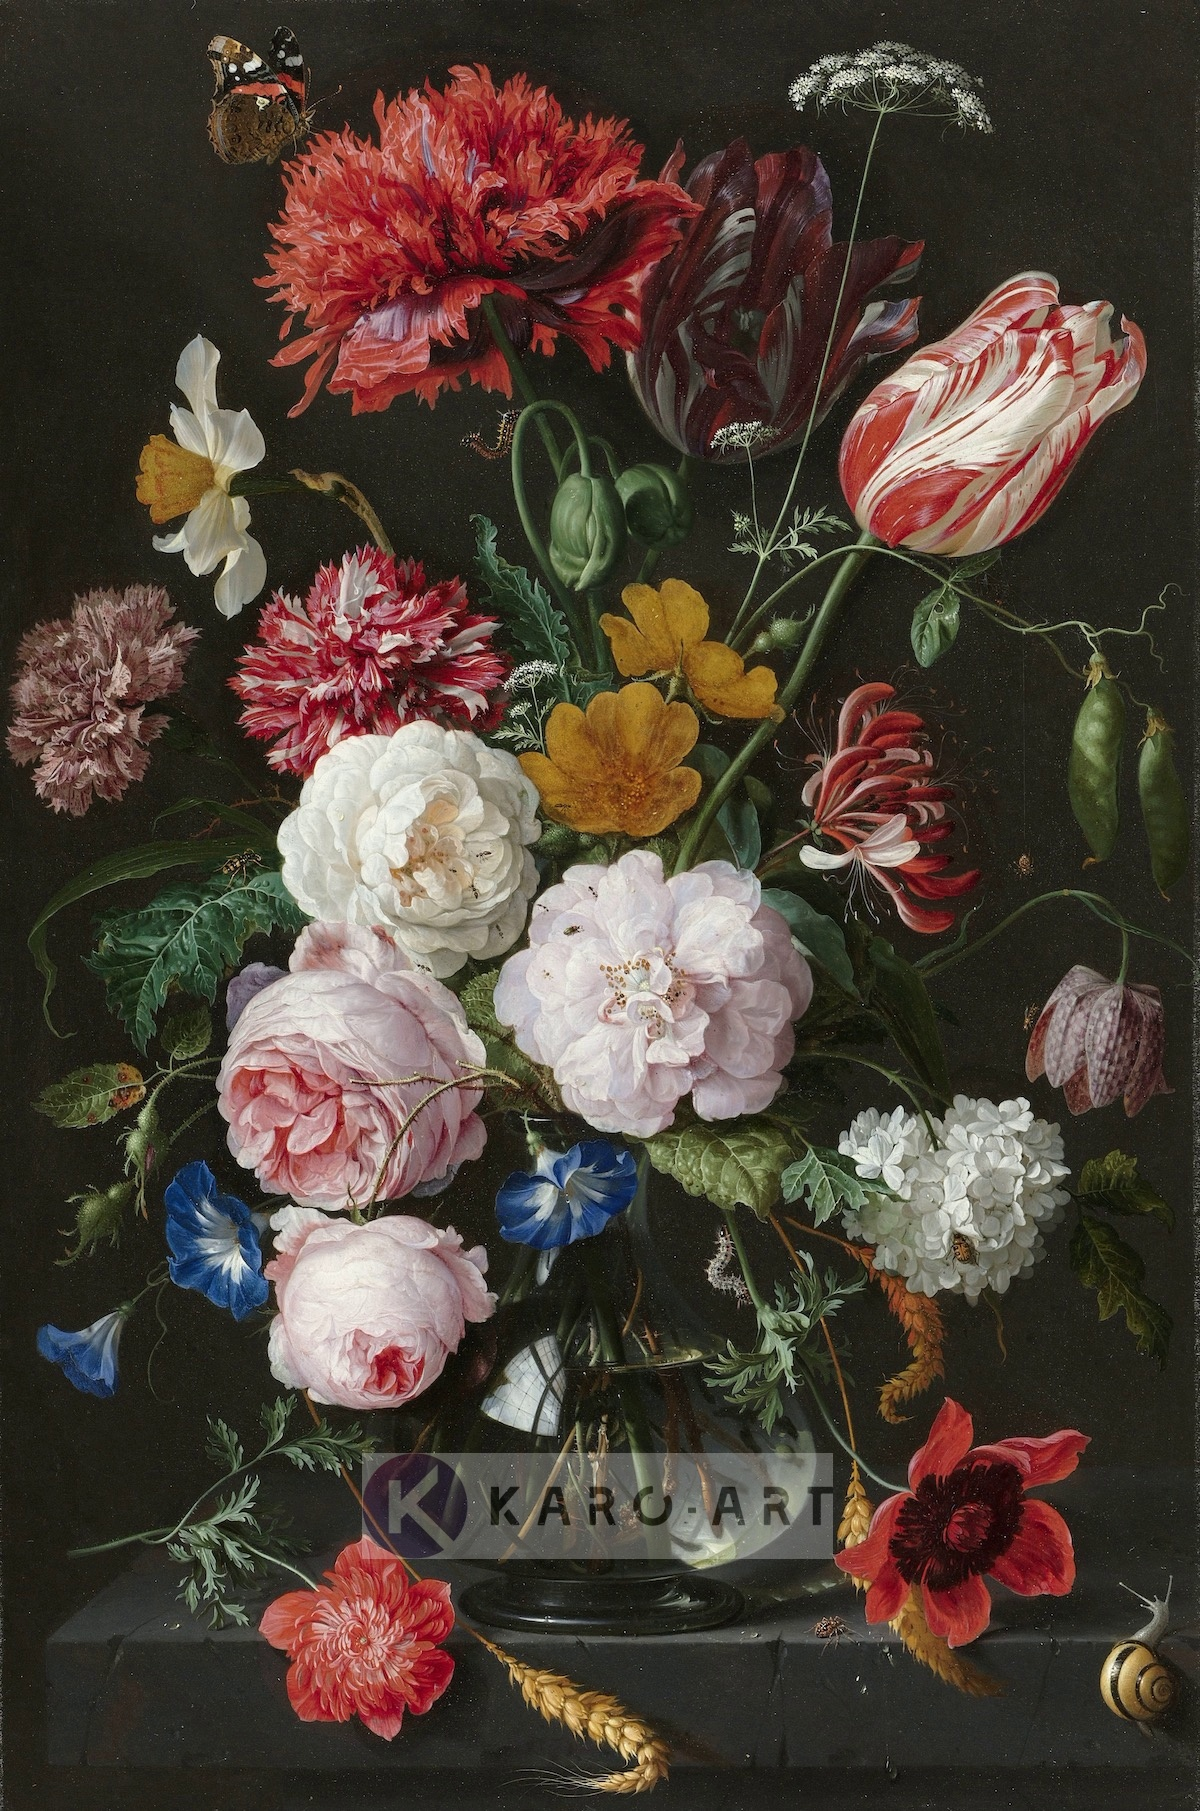 Afbeelding op acrylglas - Stilleven met bloemen in een glazen vaas, Jan Davidsz de Heem , Multikleur